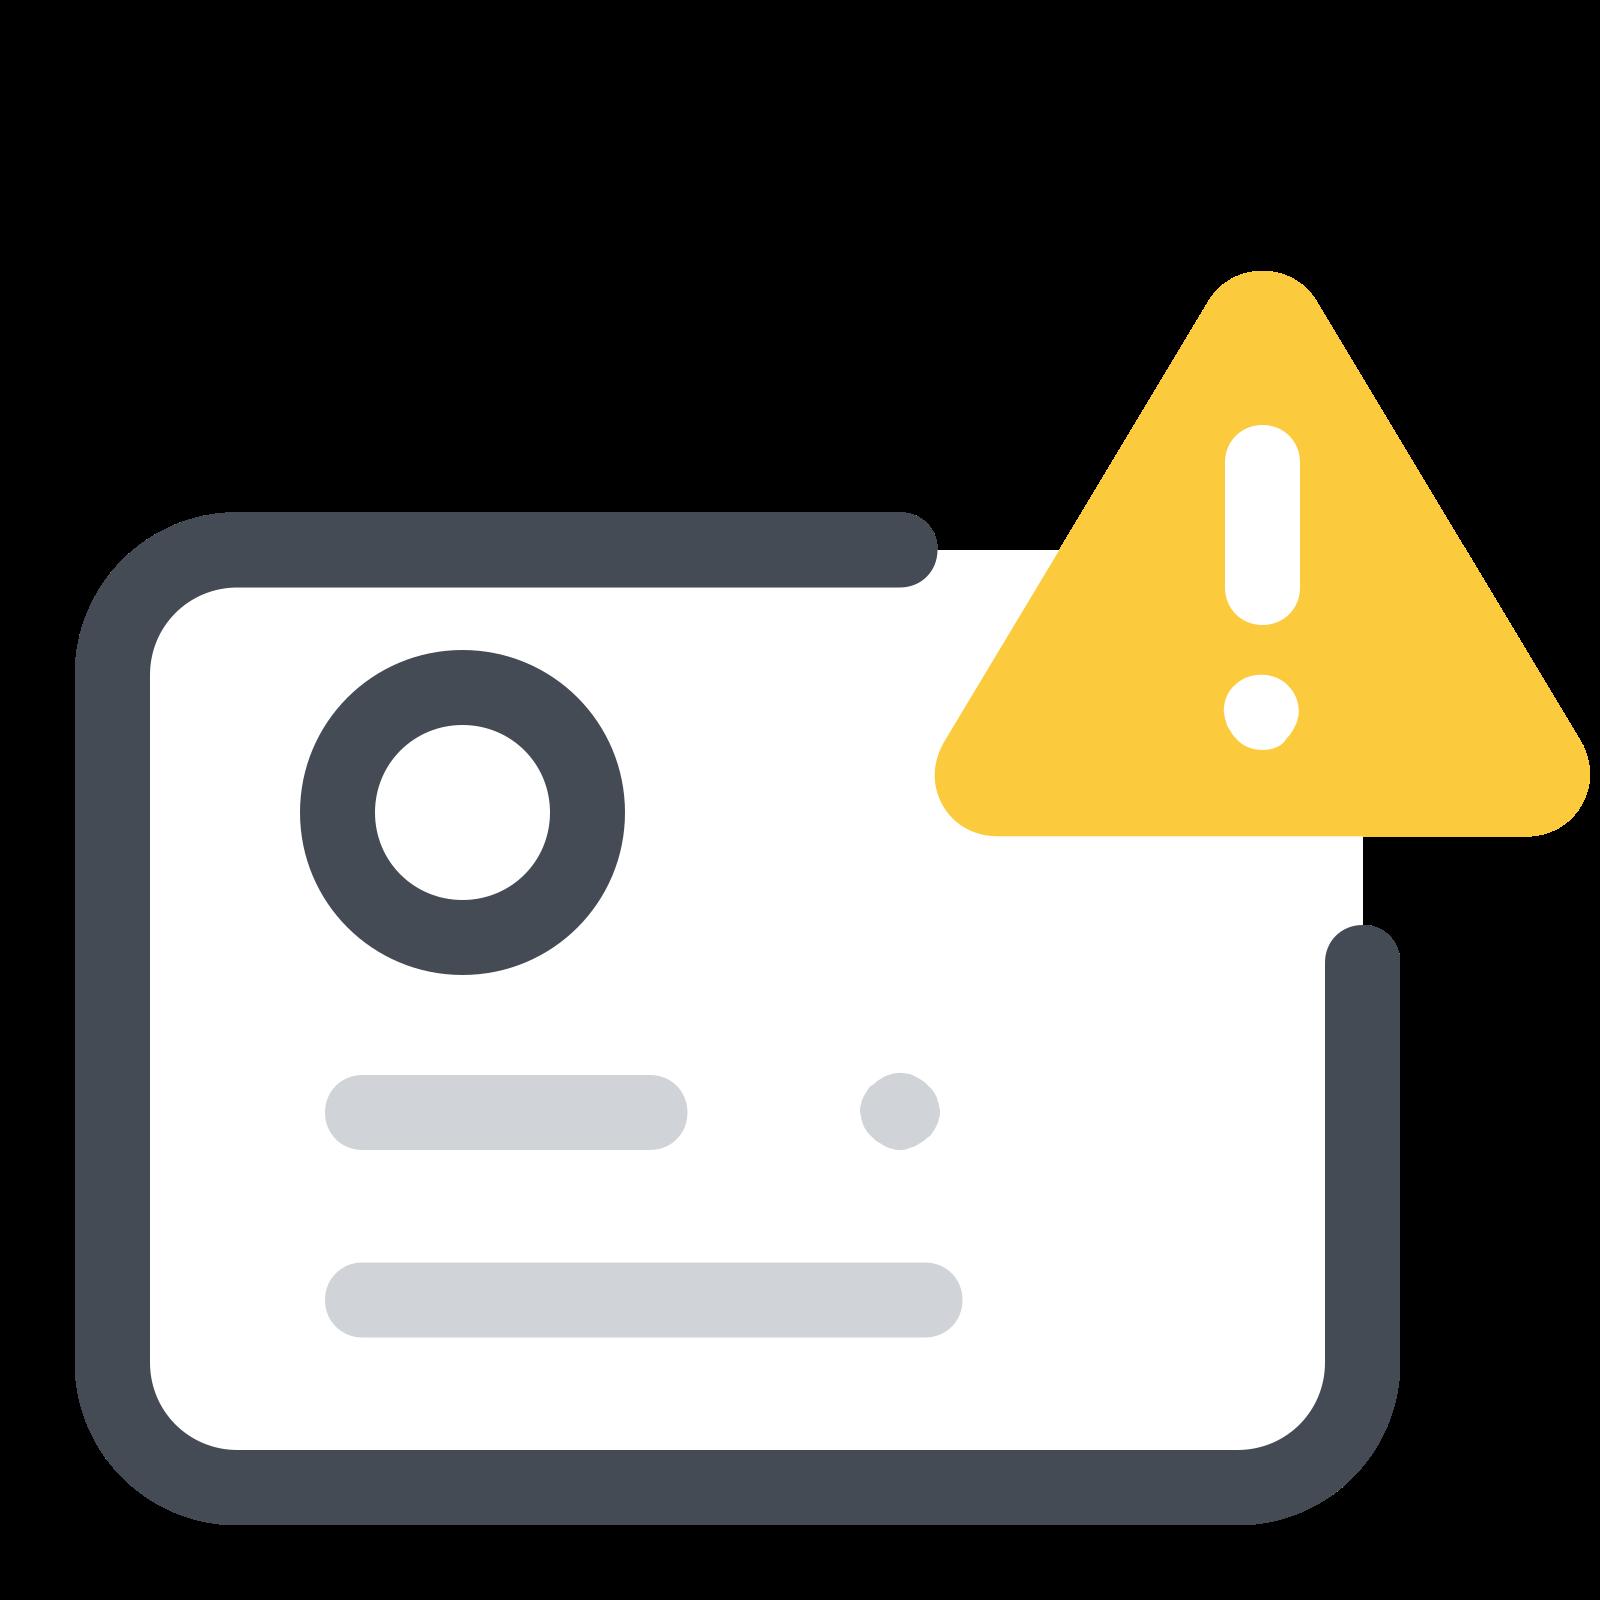 Identification Documents Error icon